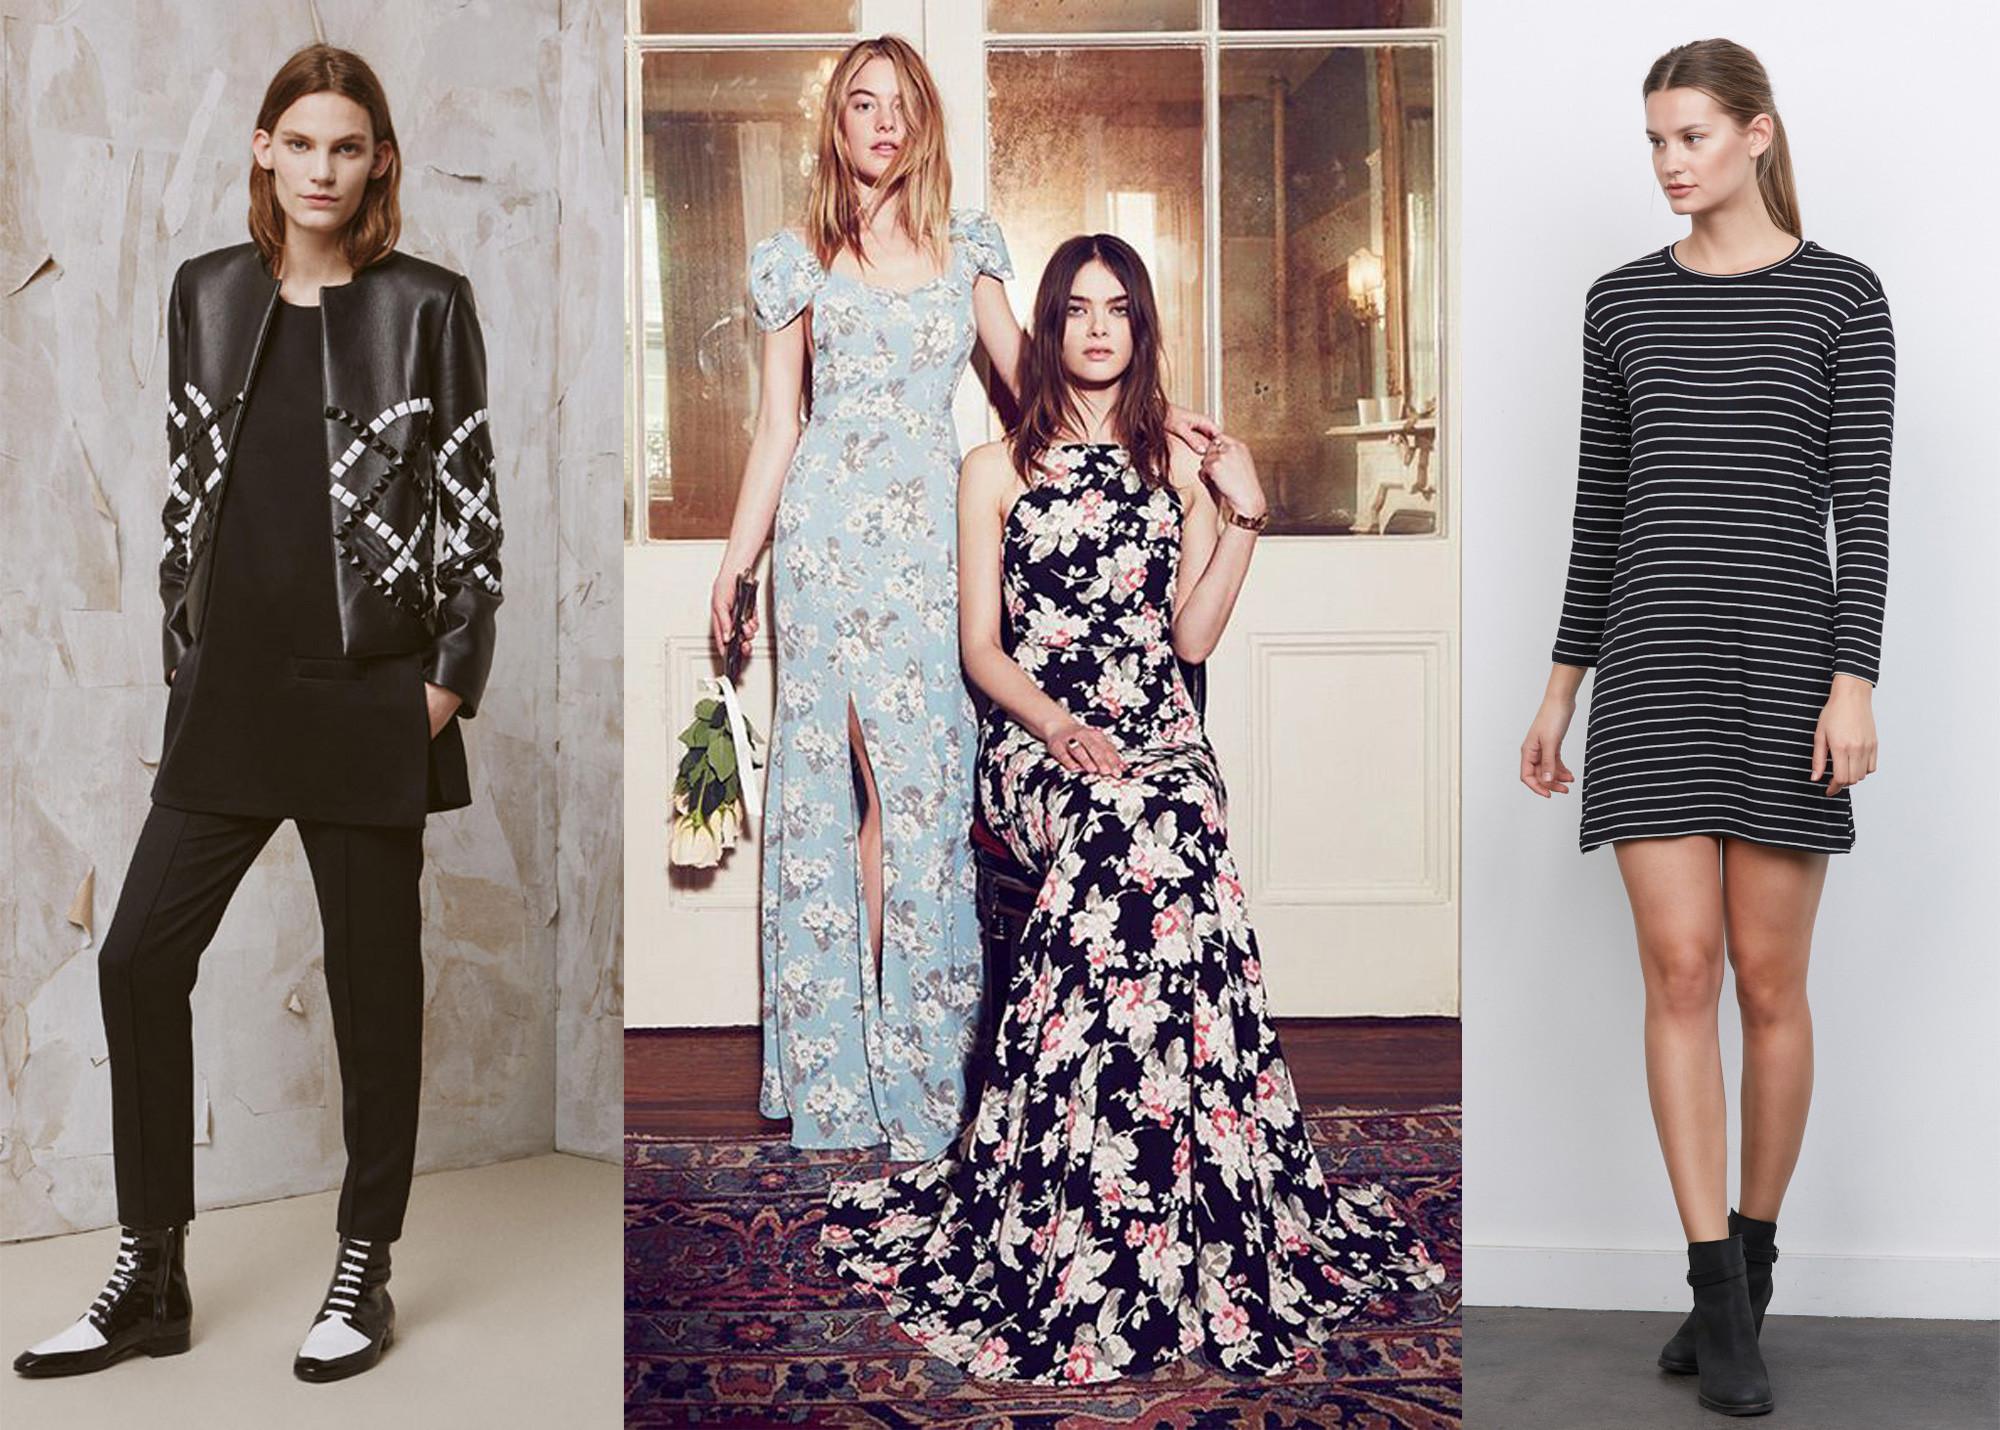 Visão | Moda Consciente: 10 marcas responsáveis e com estilo!